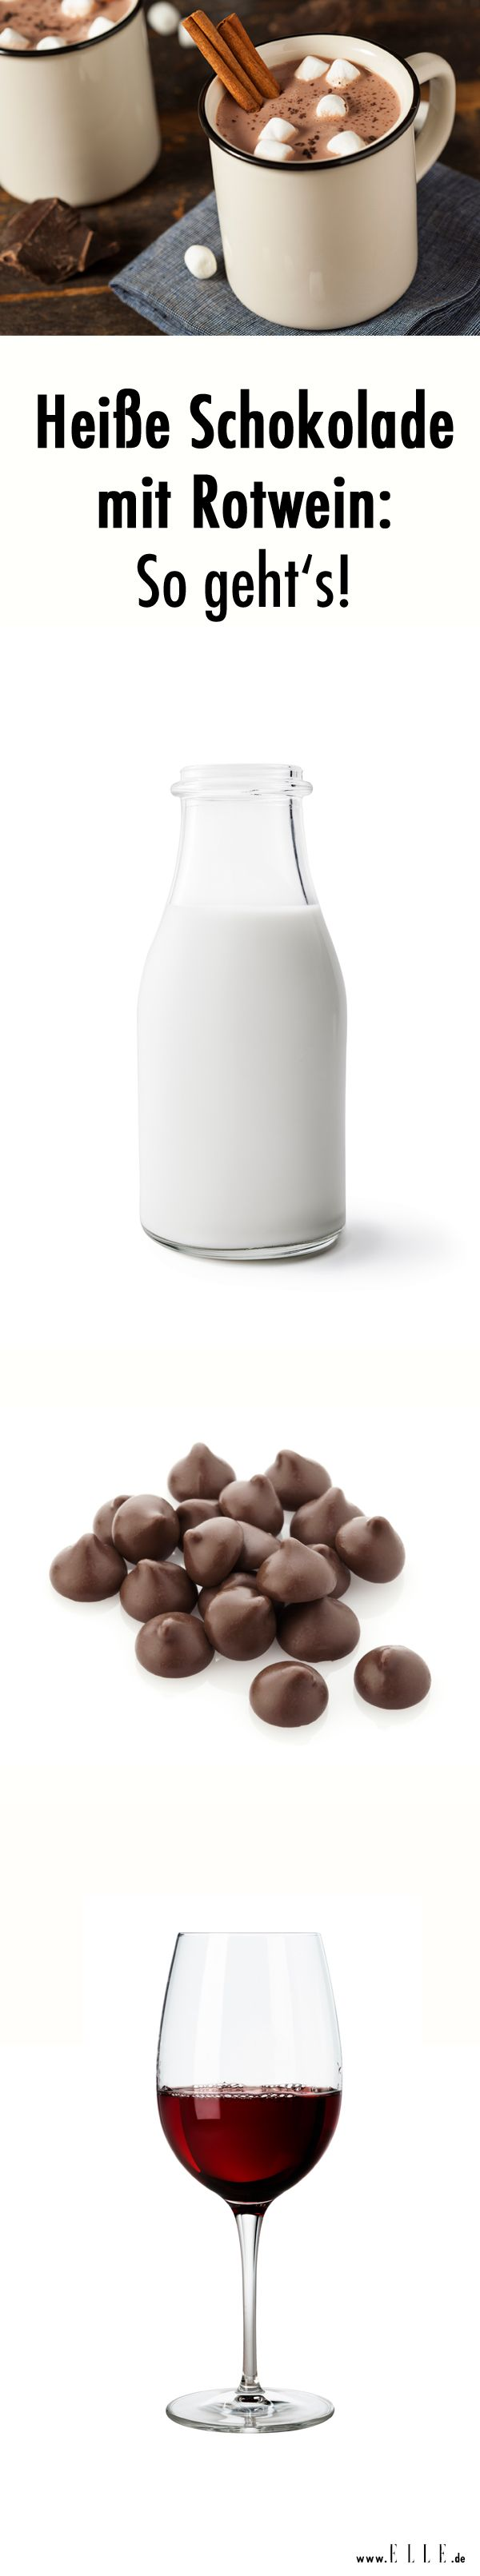 Heiße Schokolade mit Rotwein: das Rezept   Rotwein, Getränke und ...